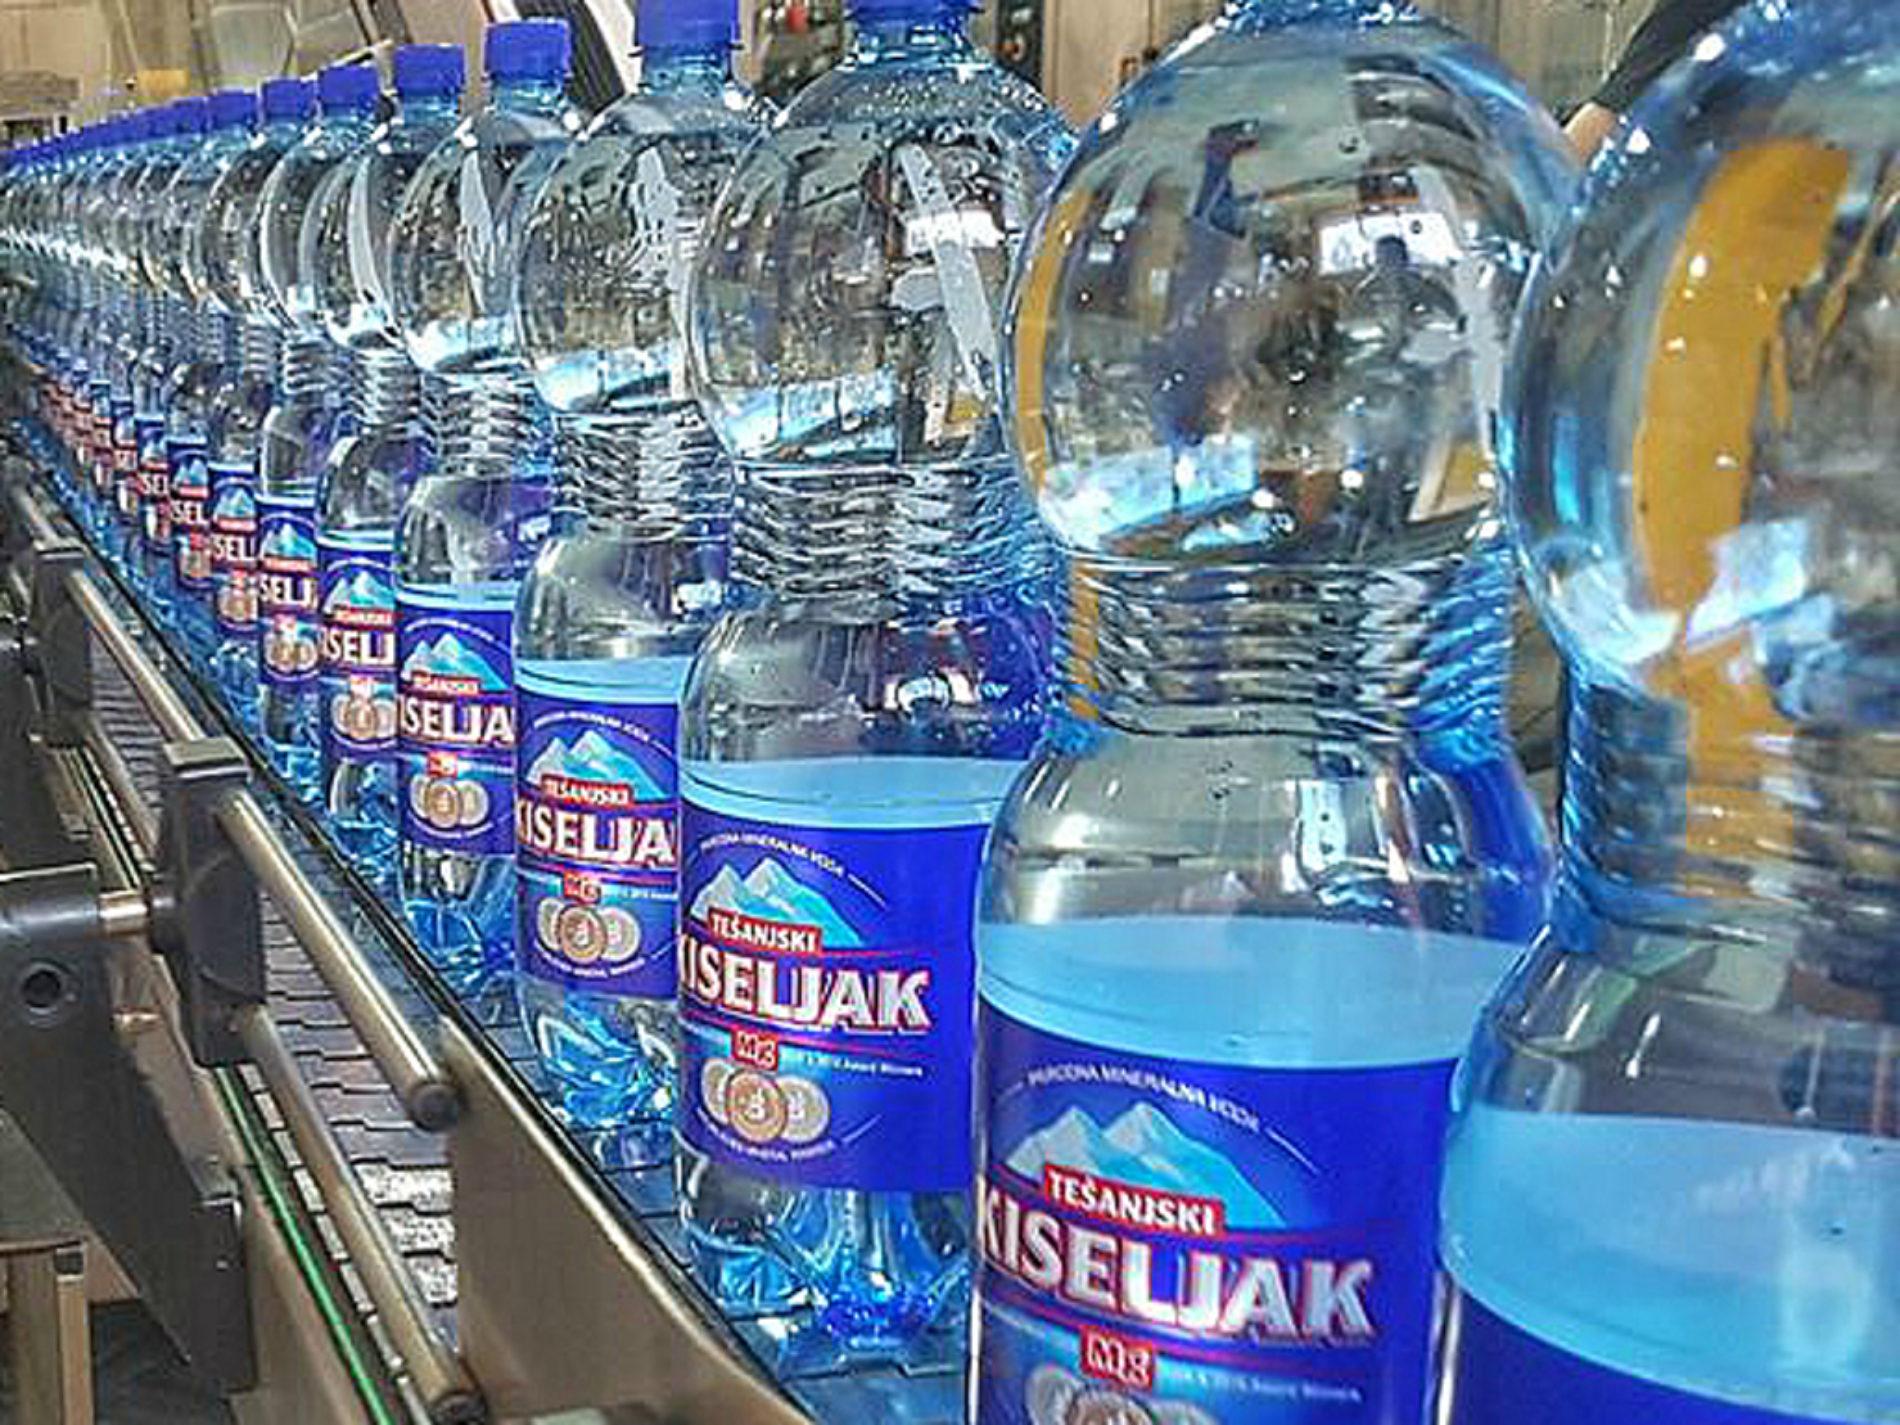 Zema iz Tešnja proširuje kapacitete u proizvodnji vode i sokova: Posao za više od 50 ljudi